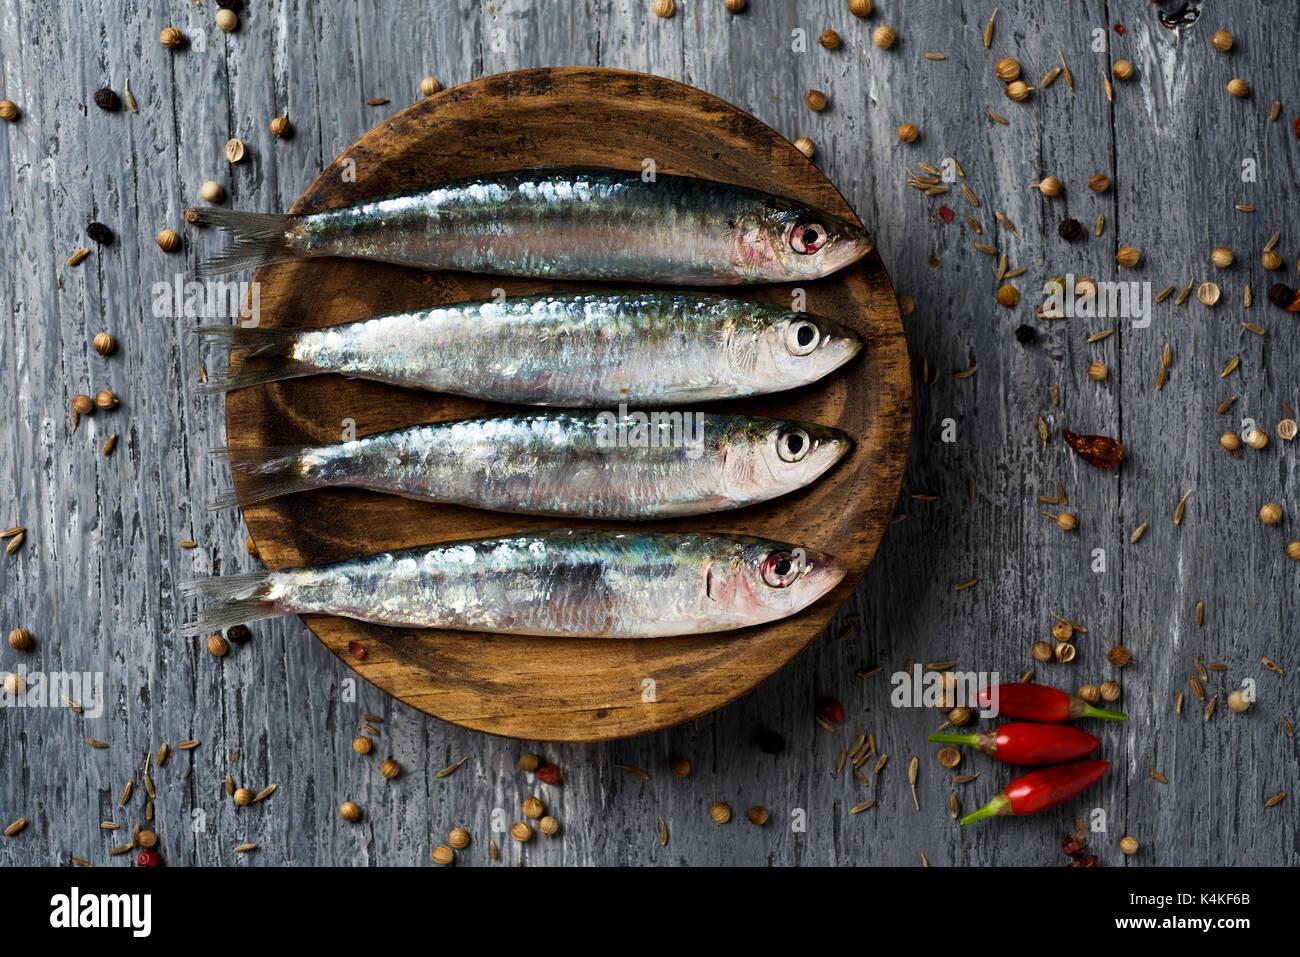 Tourné à angle élevé de certaines matières de sardines dans une plaque de bois, placé sur une table en bois rustique gris parsemé de grains de poivre Photo Stock